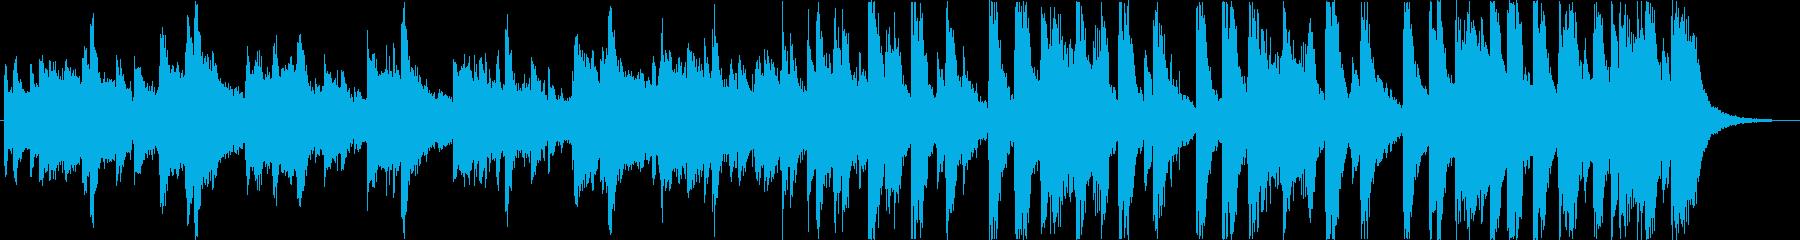 Cute retro nimble electro pop c's reproduced waveform